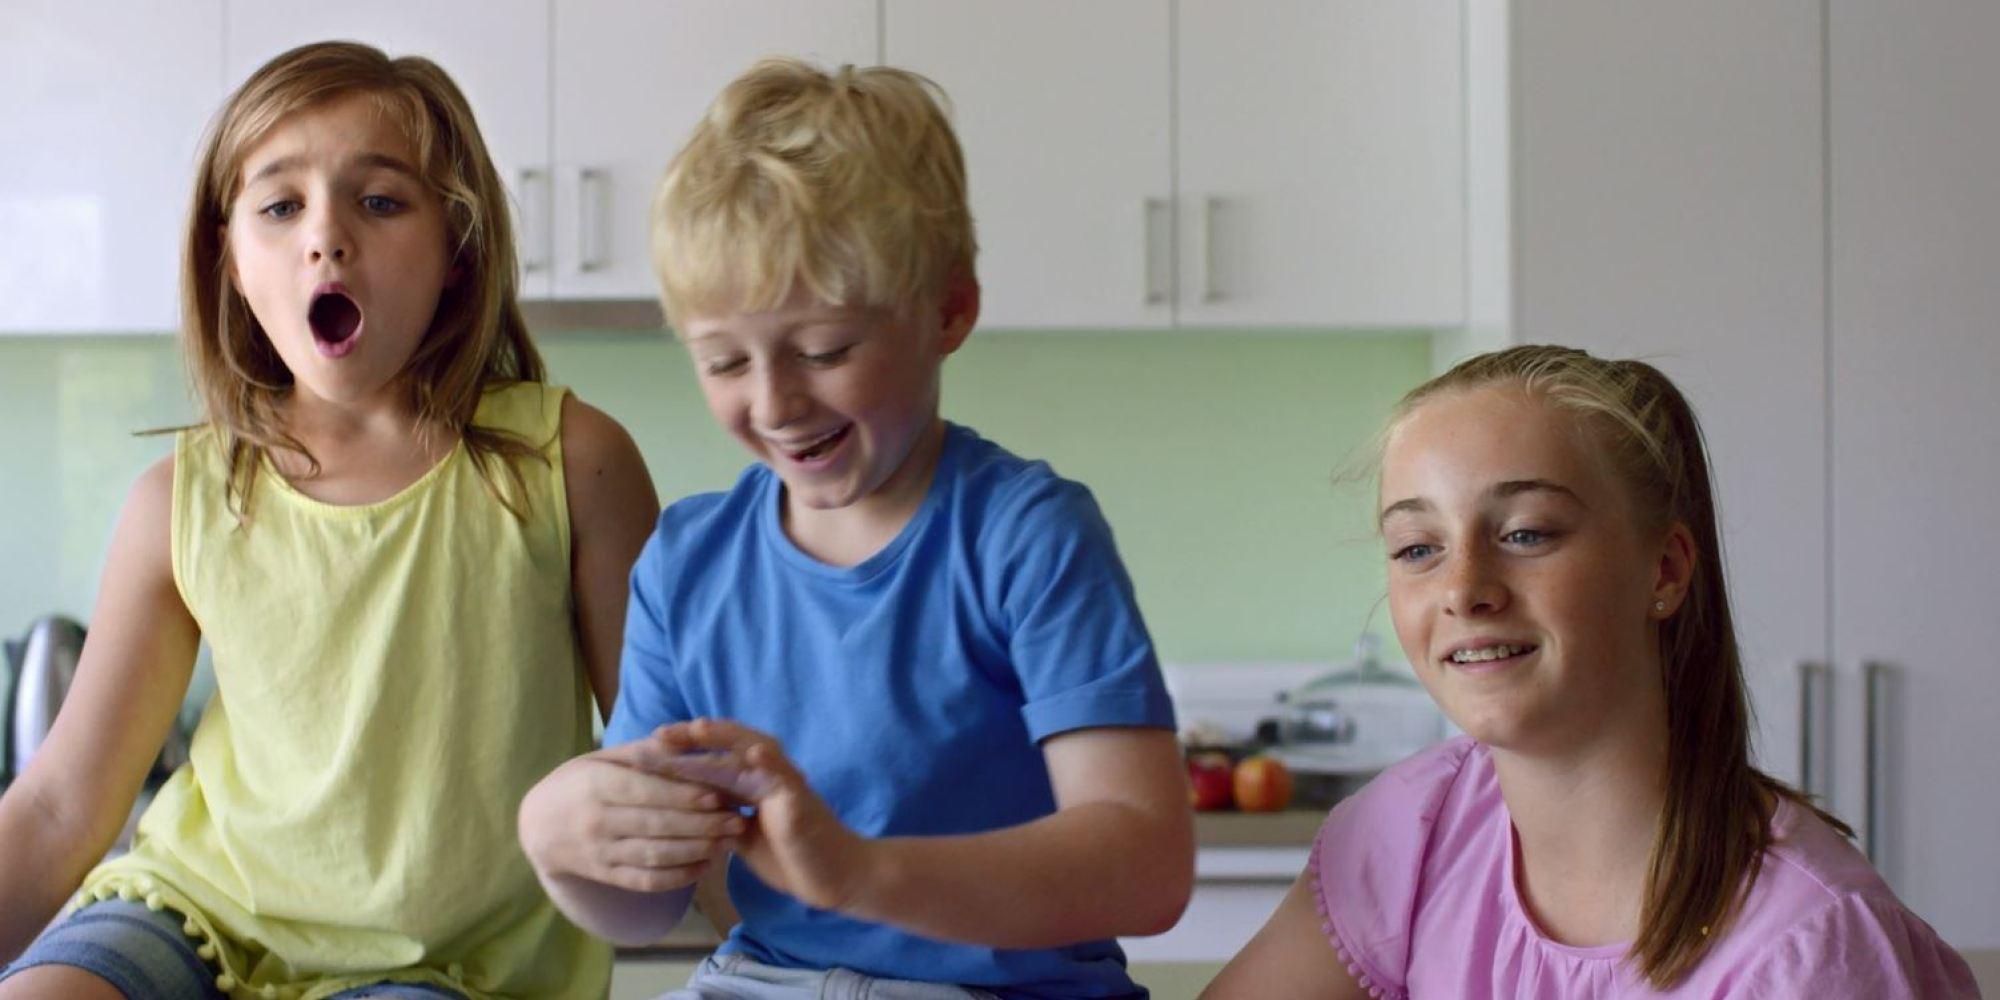 Видеоэксперимент: Что думают дети о разнице в зарплатах мужчин и женщин